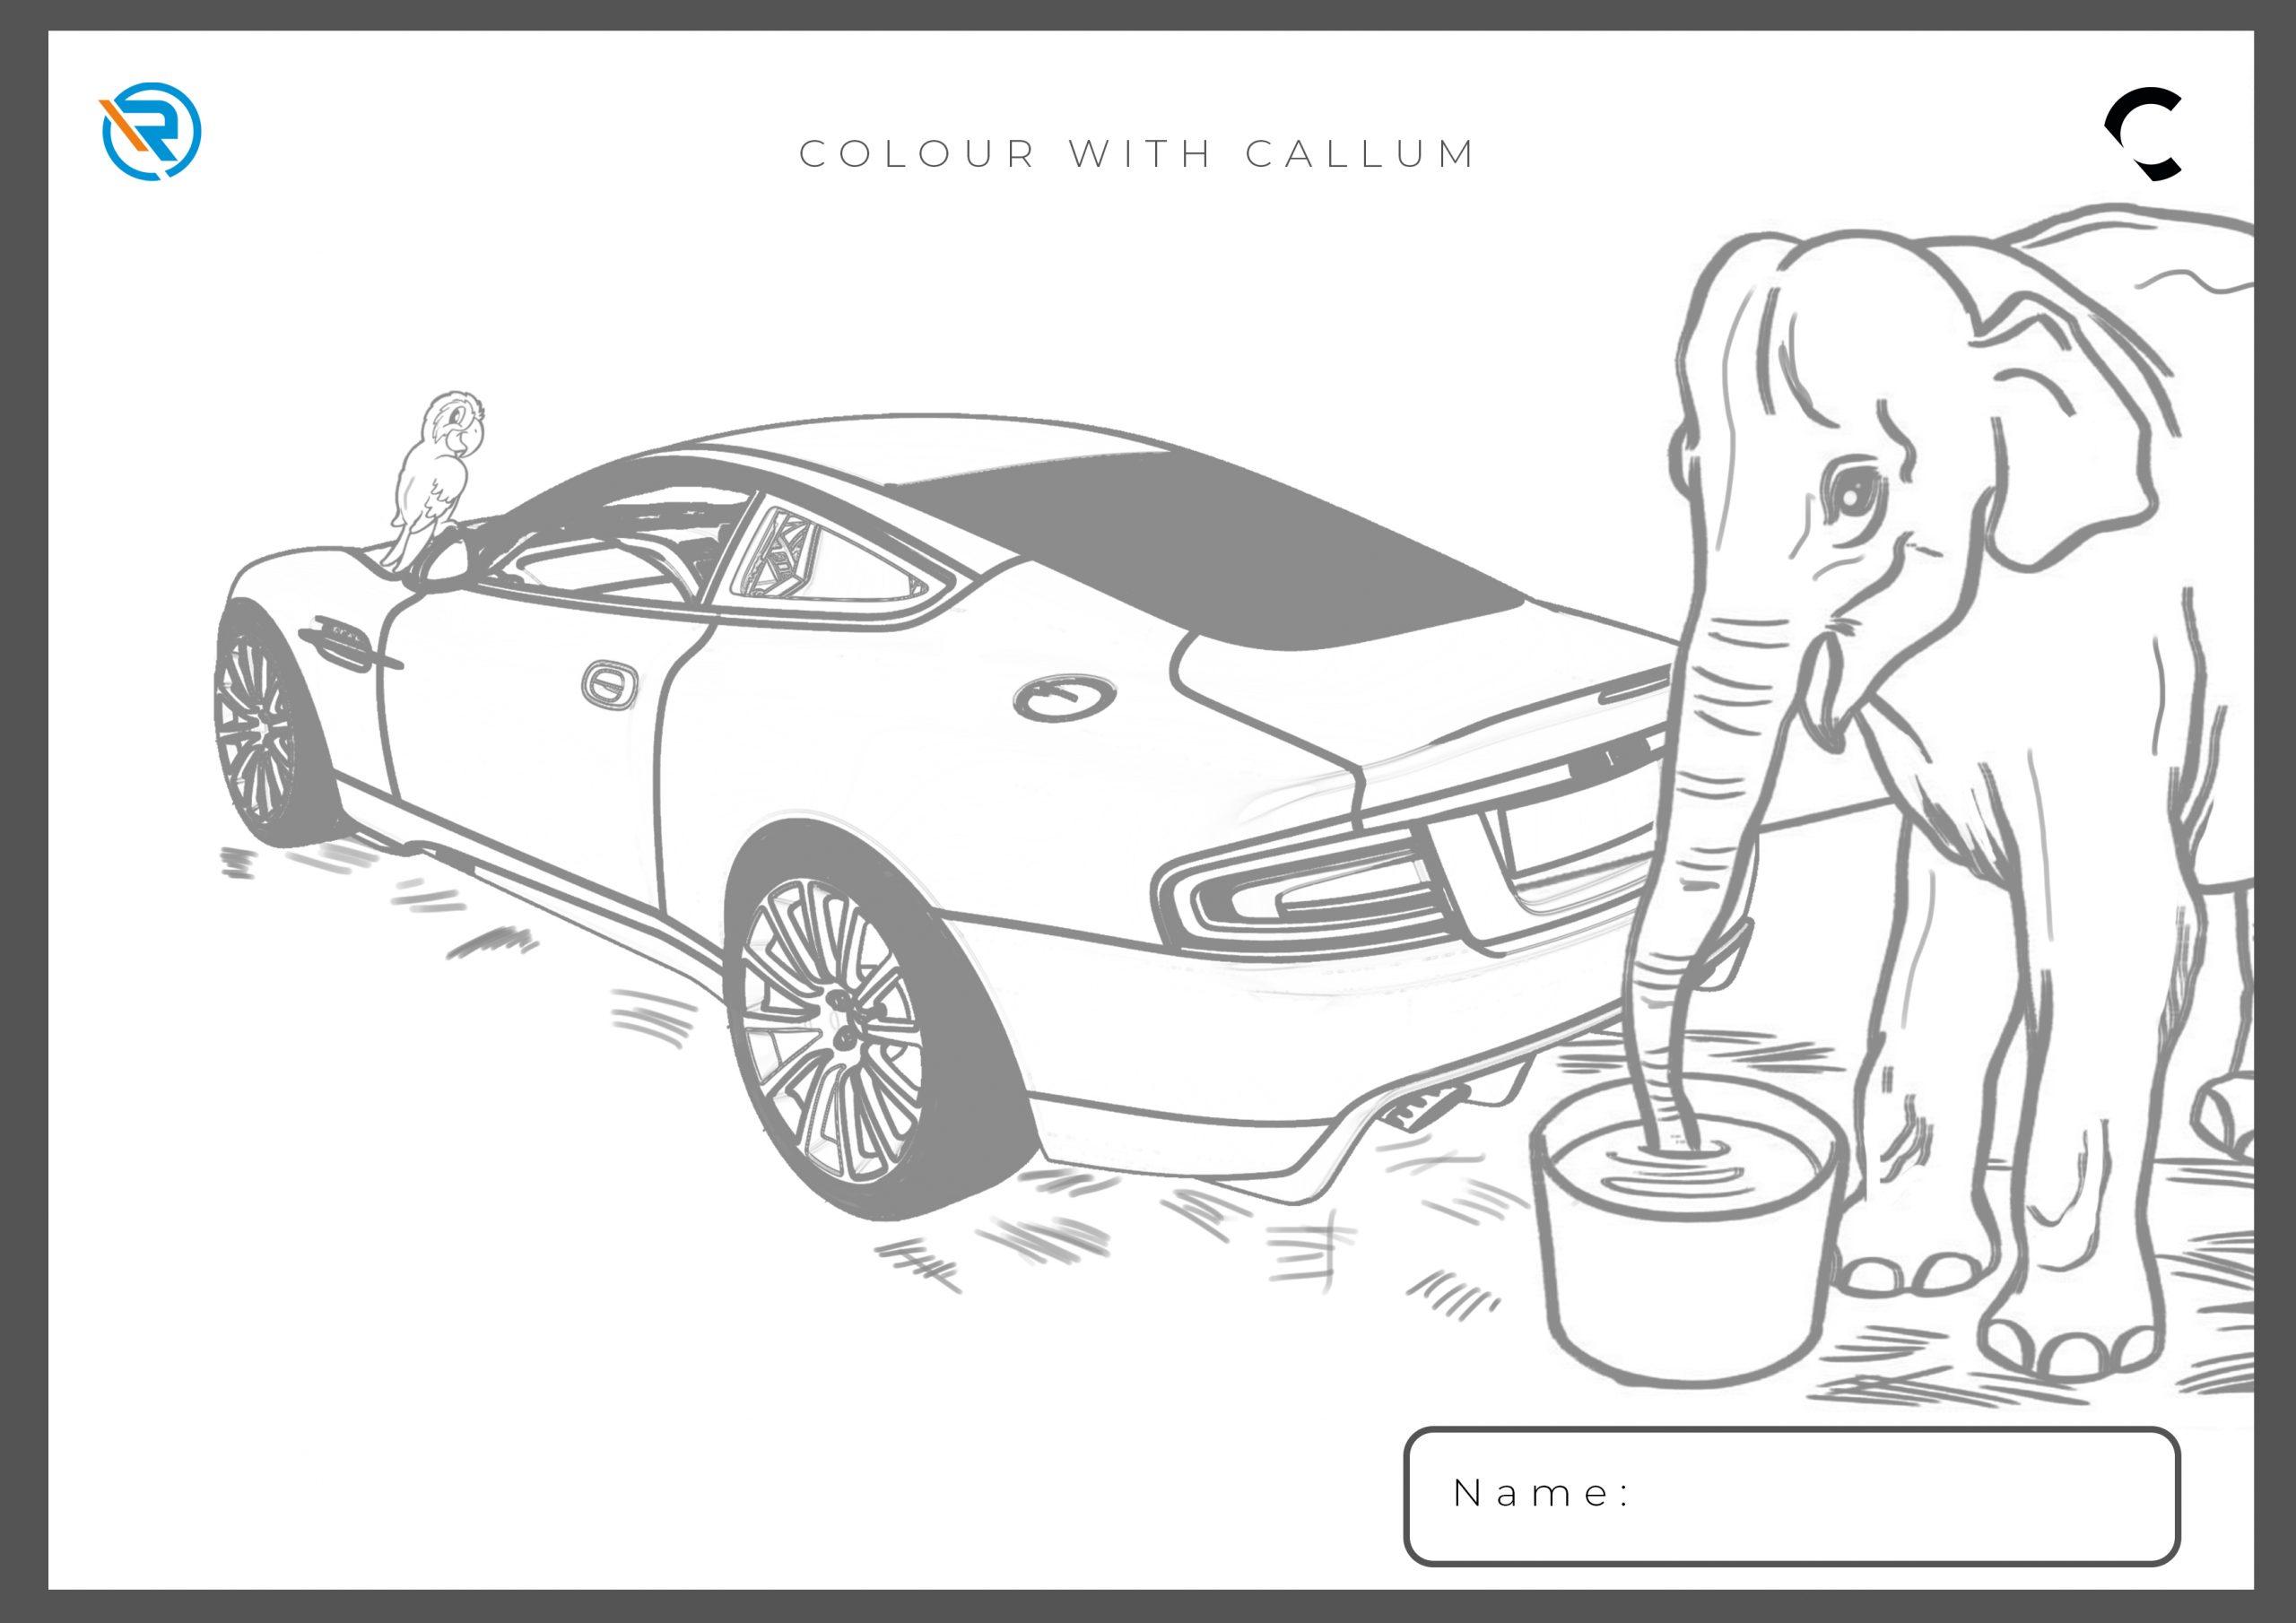 Colour-with-CALLUM-1